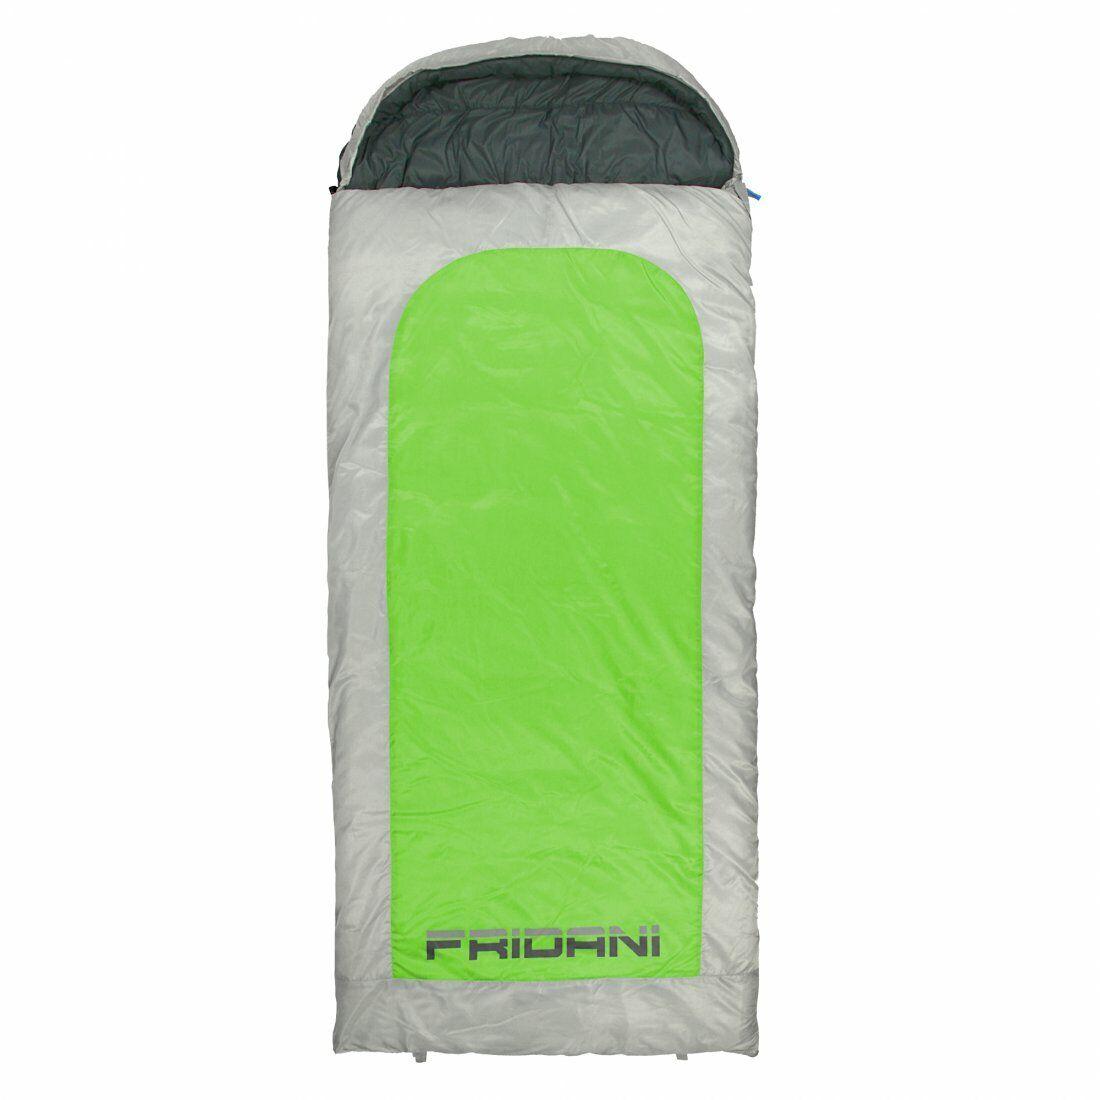 Fridani BG 235S - Sacco a pelo a coperta, 235x100cm, 2700 g, -22°C (ext), -5°C (